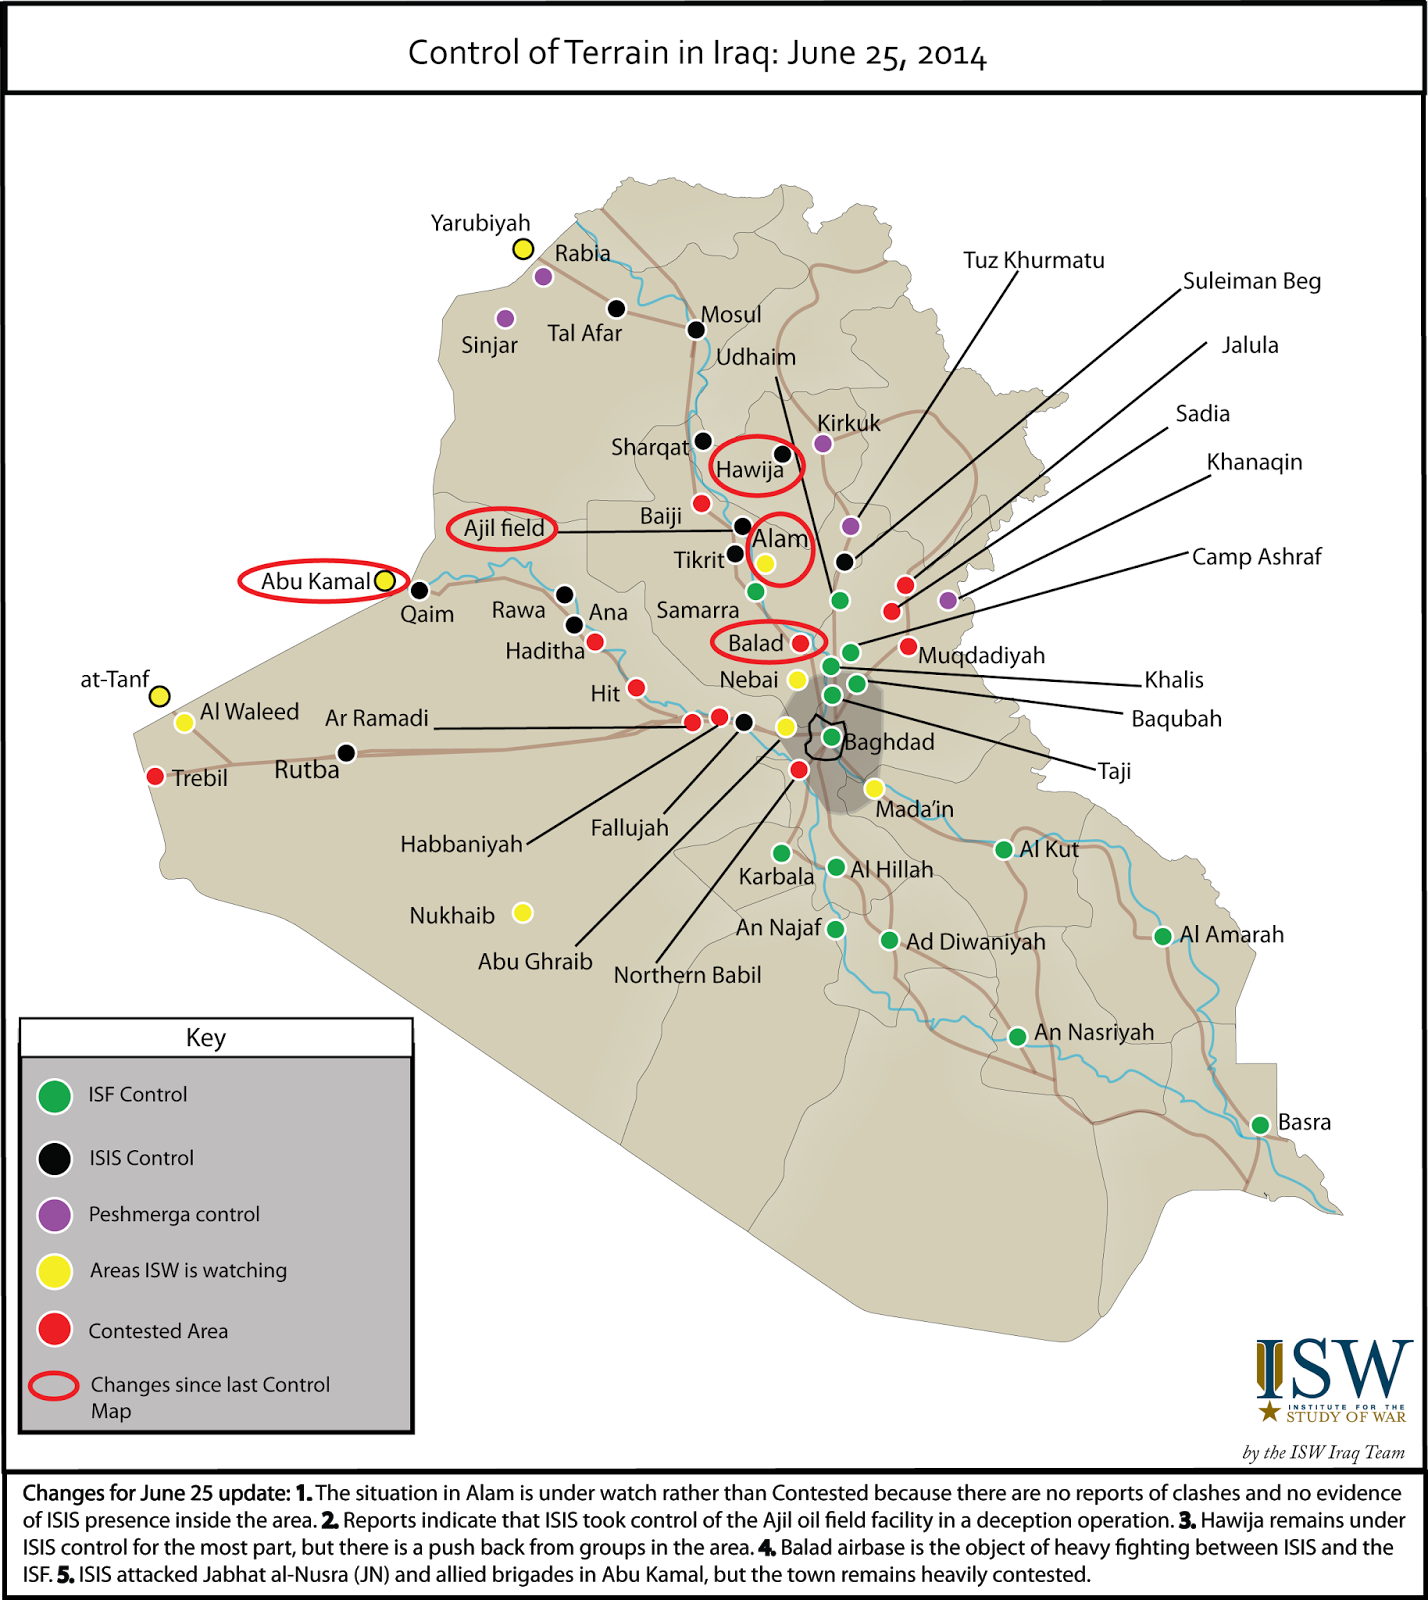 ISW Blog Control of Terrain in Iraq June 25 2014